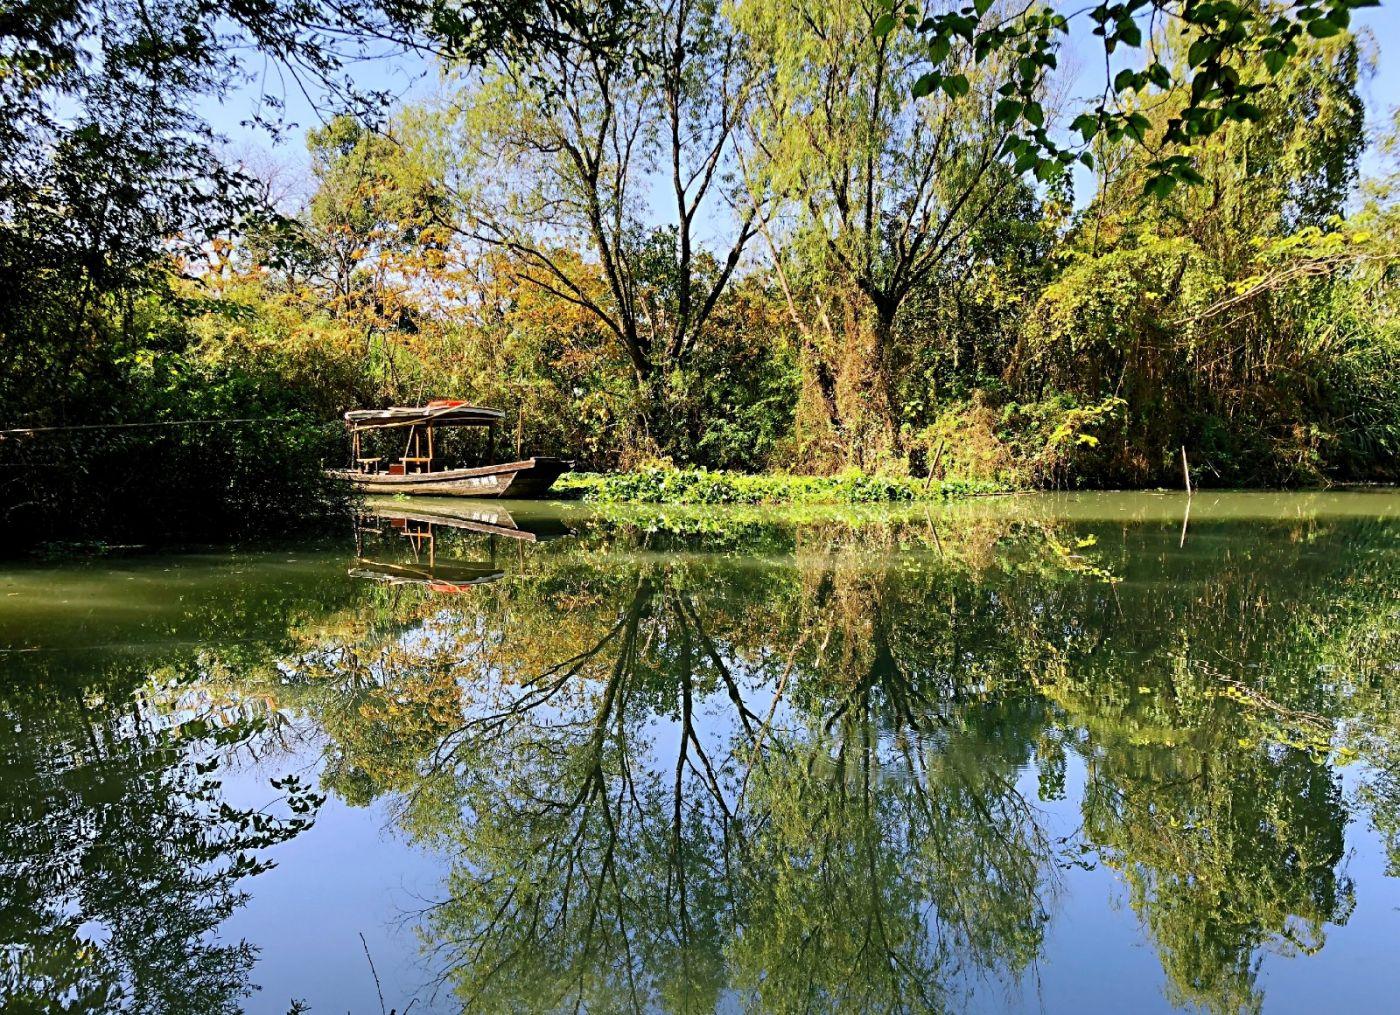 【田螺随拍】西溪湿地、非诚勿扰场景-手机版_图1-14